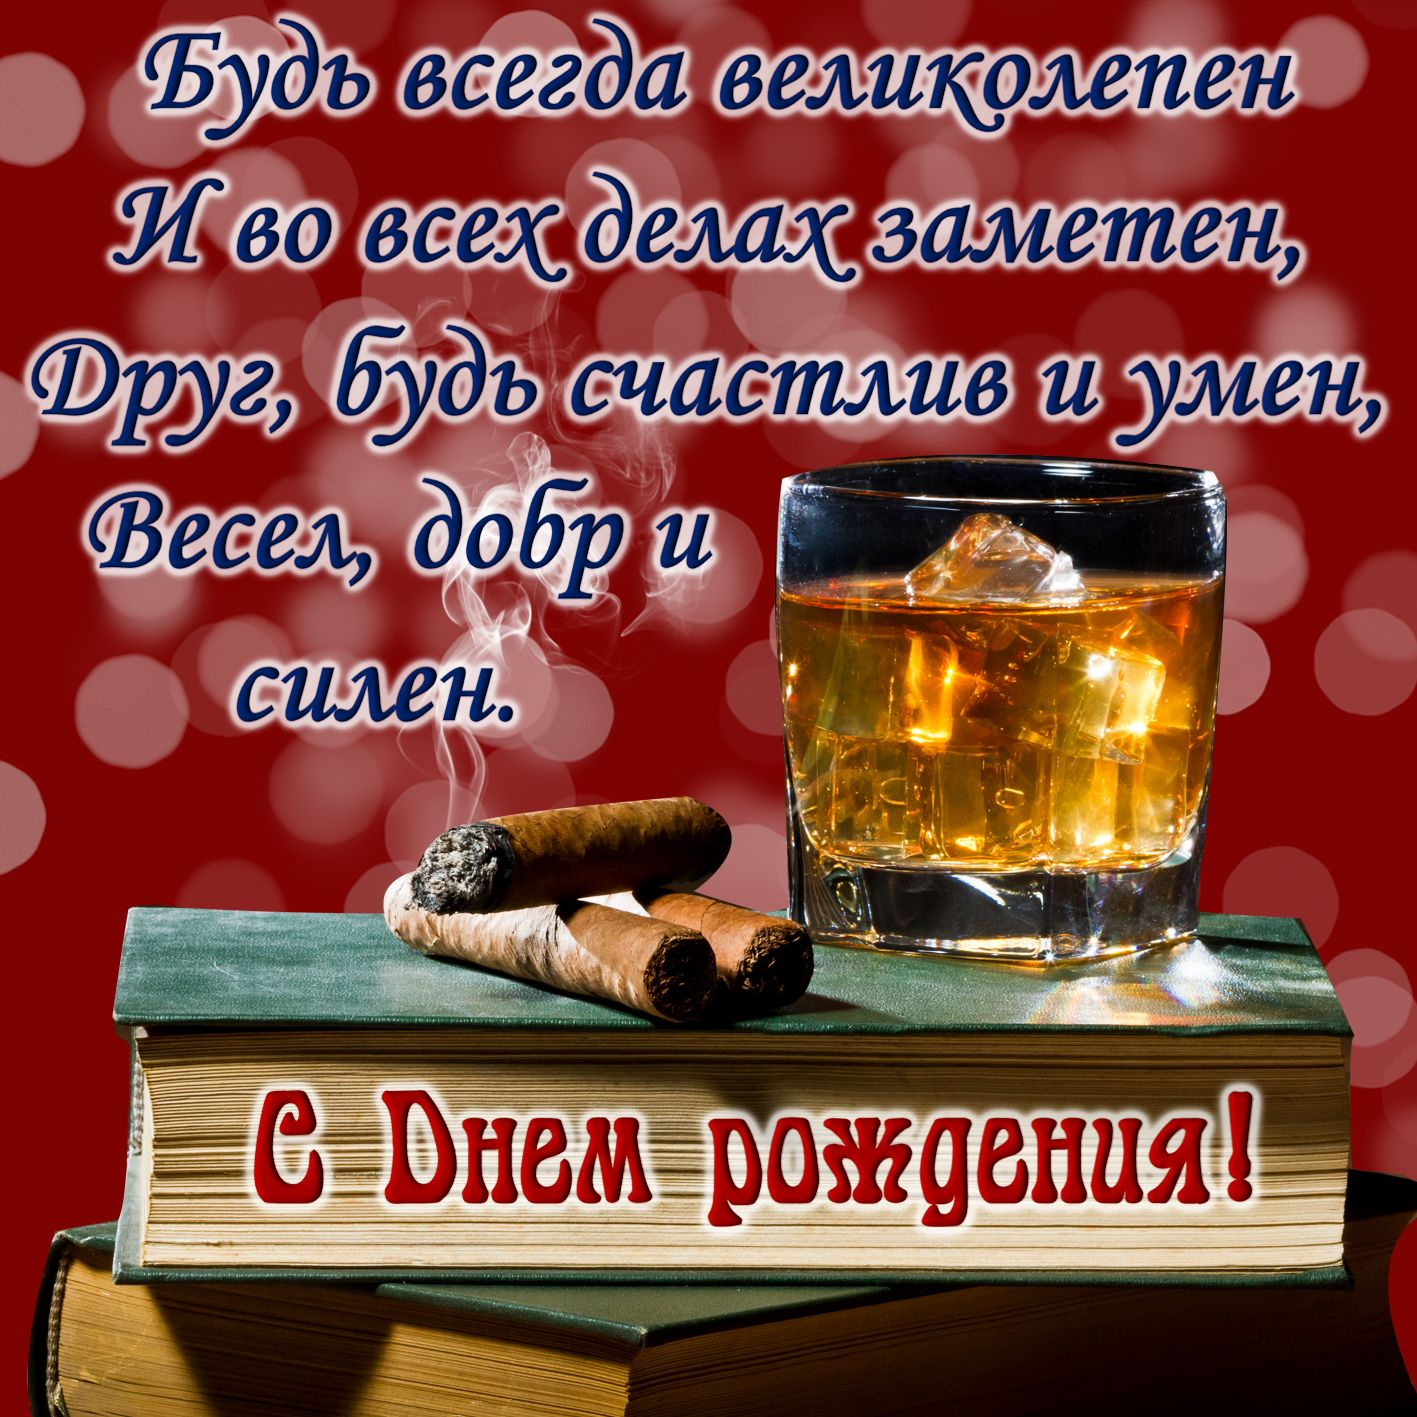 Картинка со стихами, виски и сигарами другу